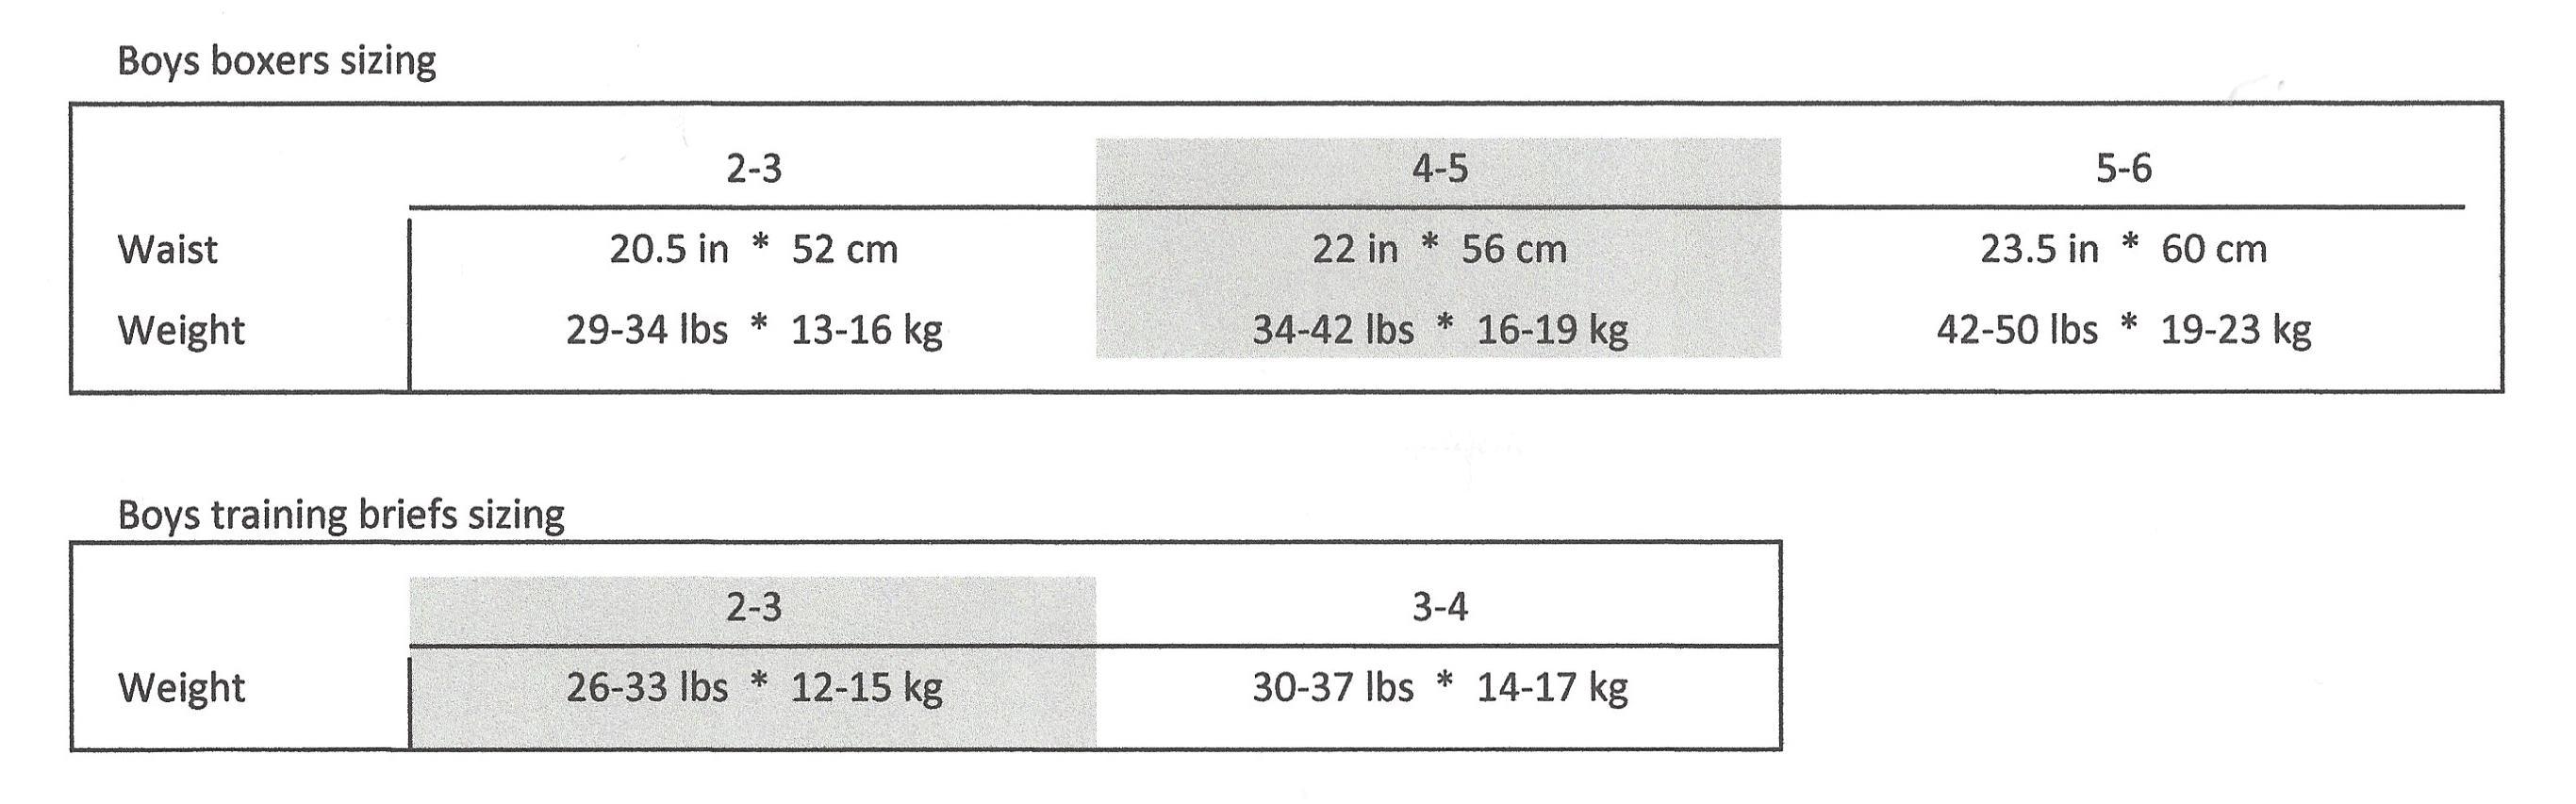 Zoocchini Sizing Chart